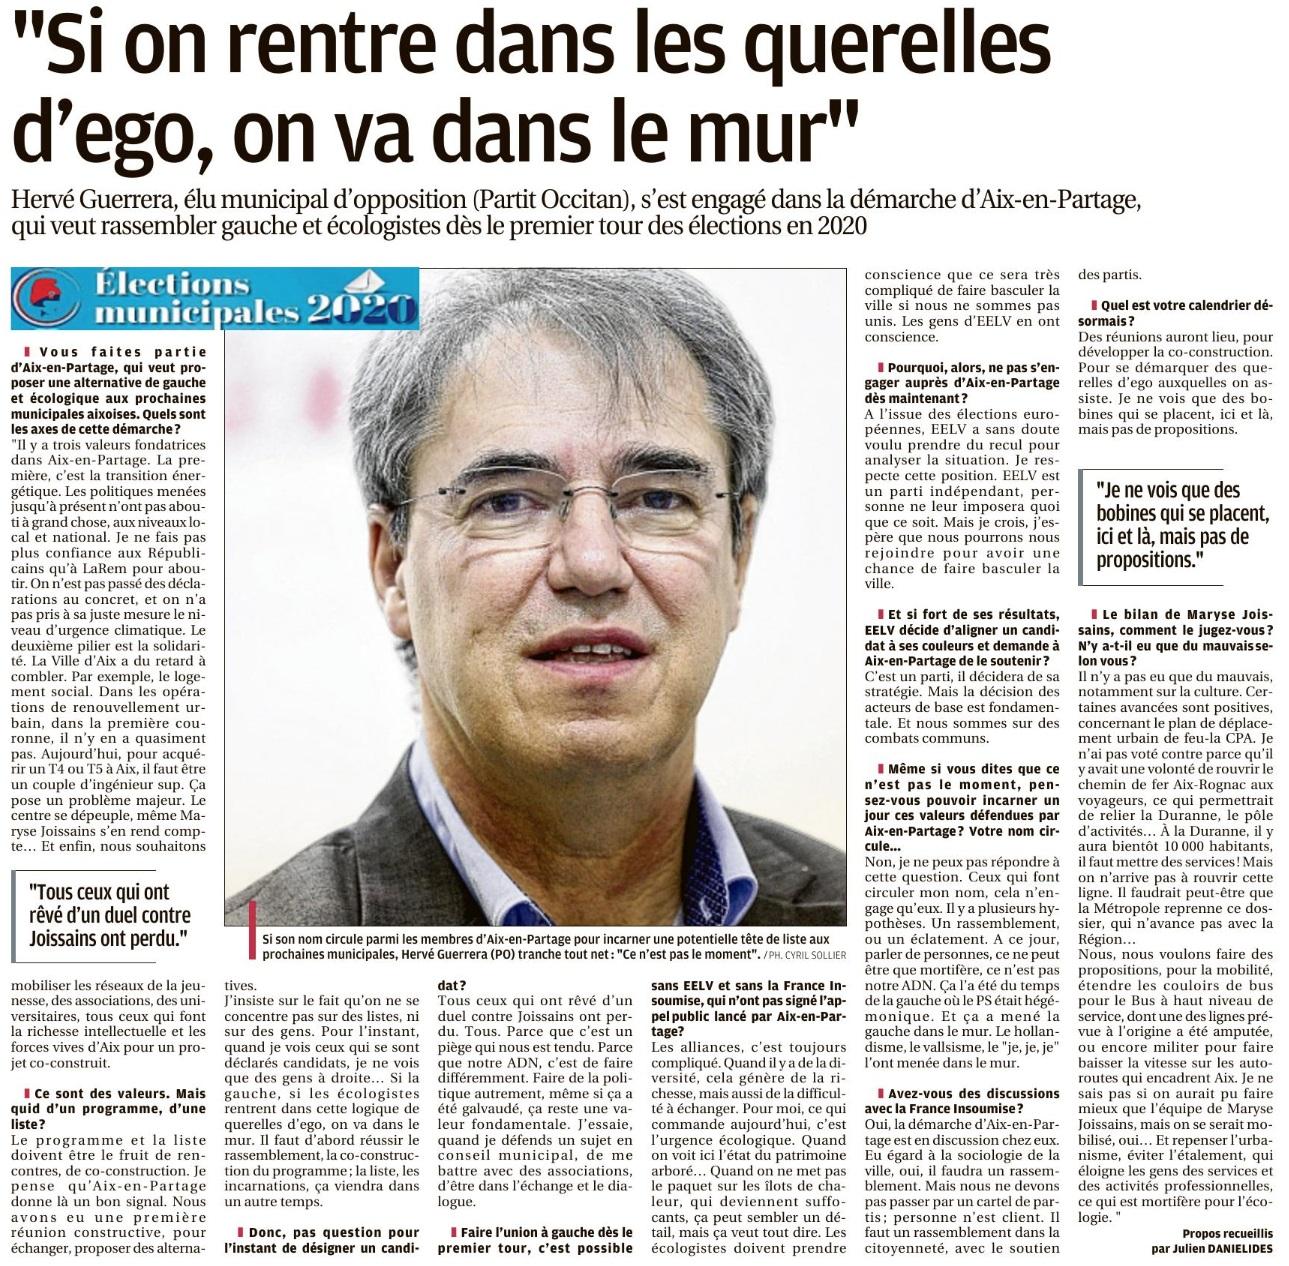 Interview d'Hervé Guerrera sur la démarche d'Aix en Partage